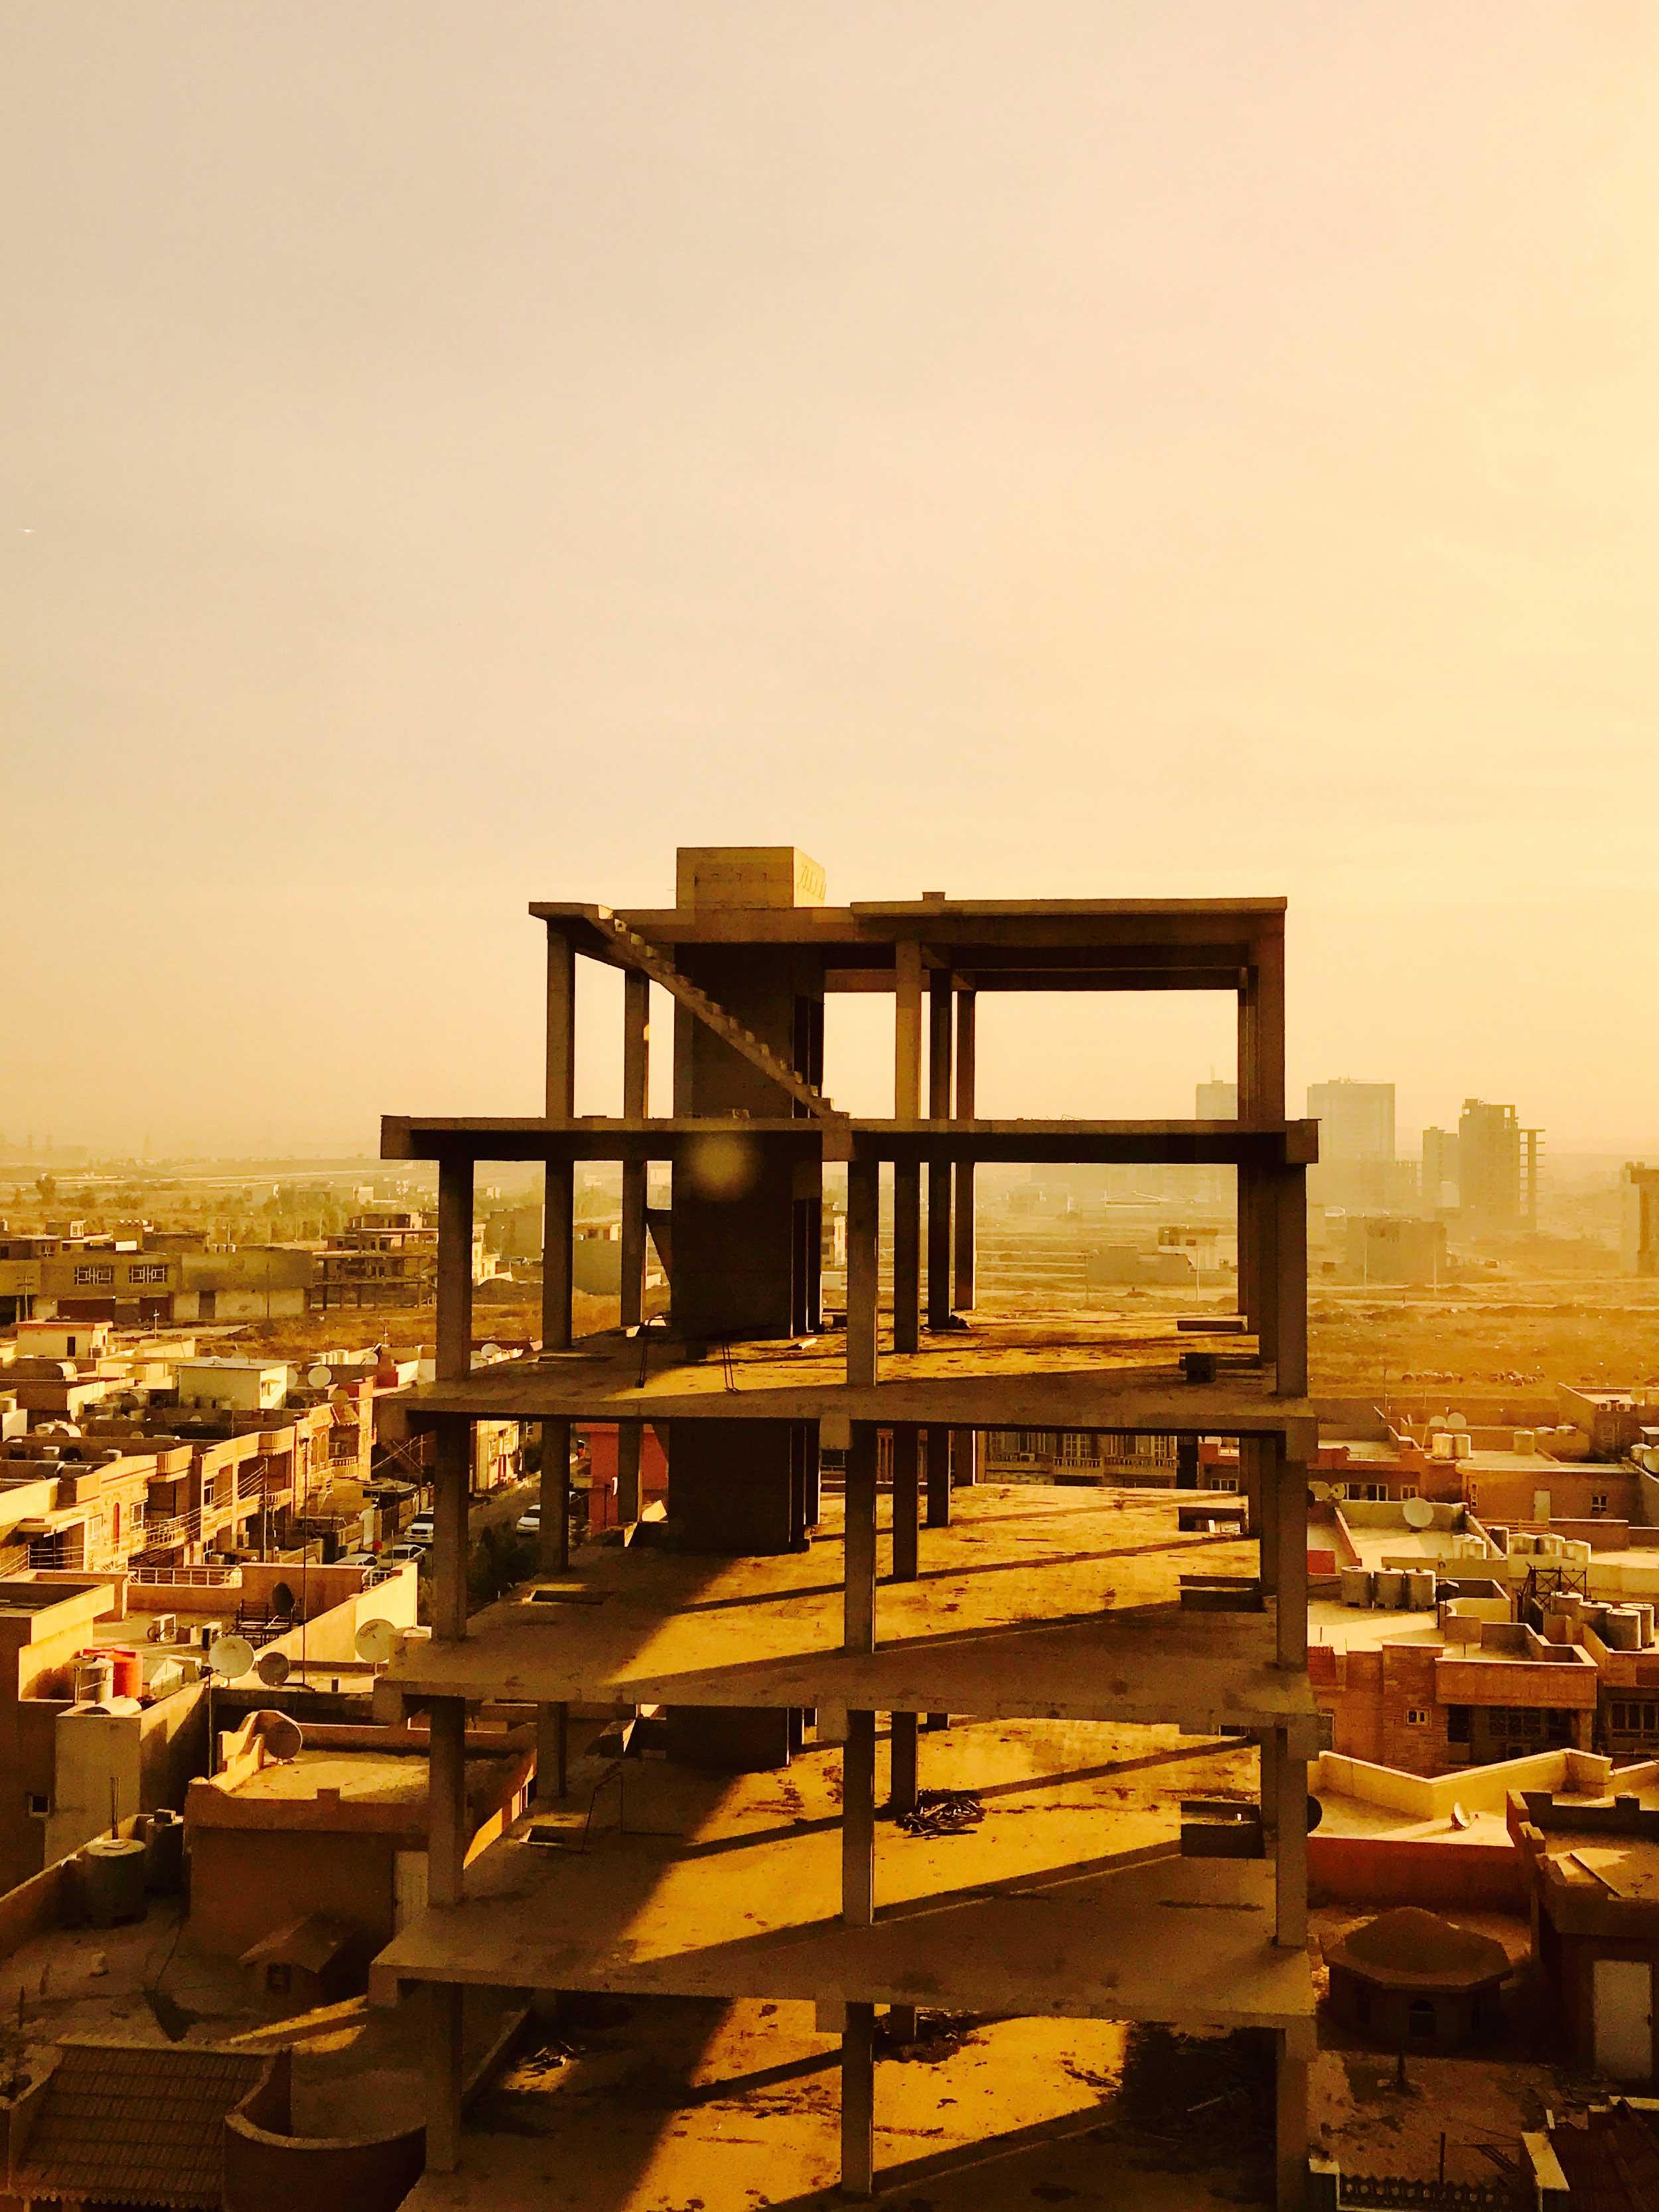 Erbil, Iraq. Nov. 9, 2016.